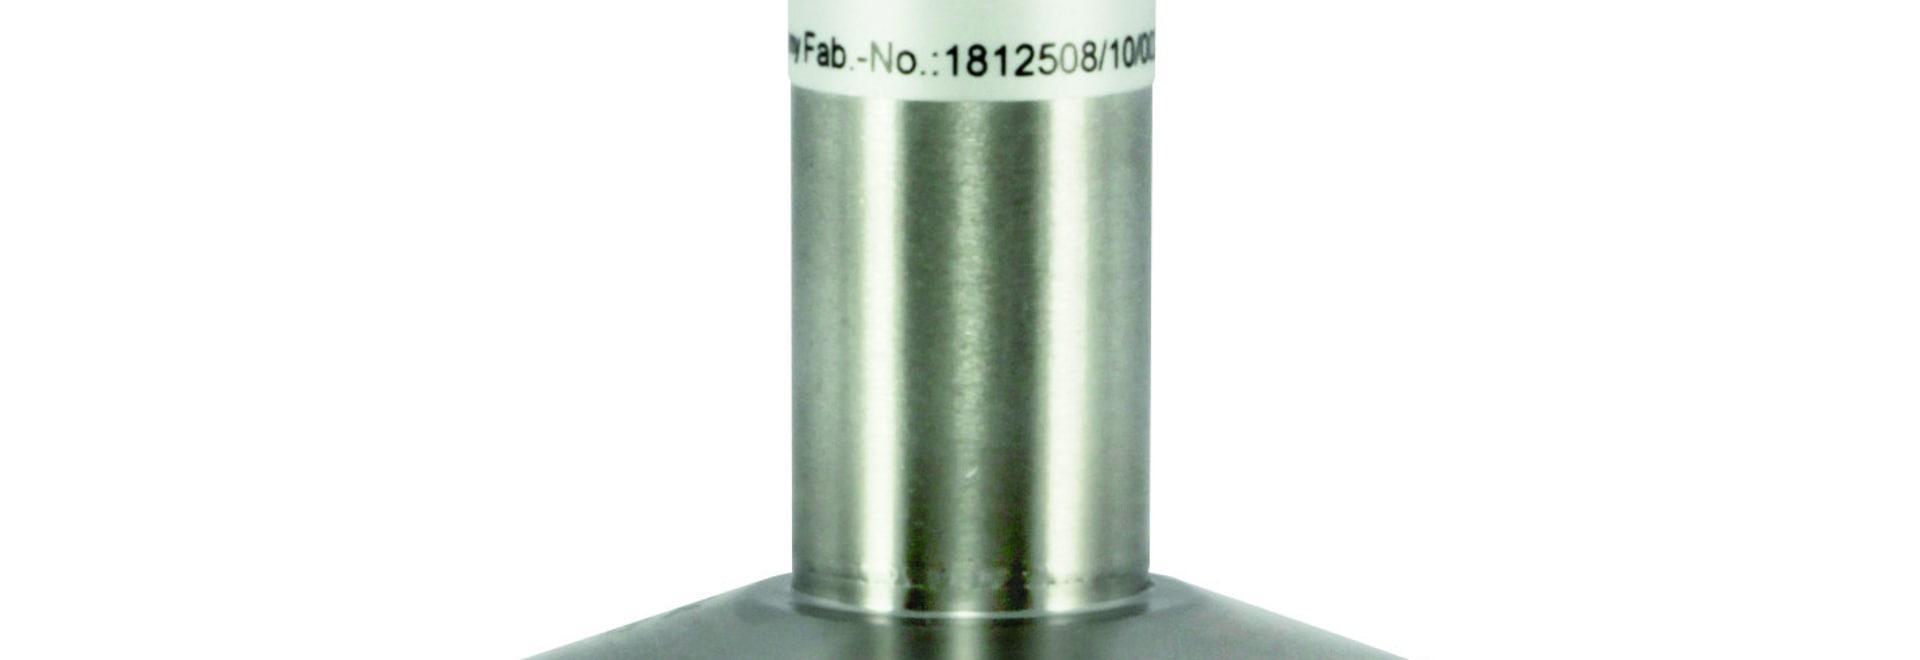 Termometro a resistenza nella tecnologia di IO-collegamento, tipo serie GA2700, risposta veloce, progettazione igienica